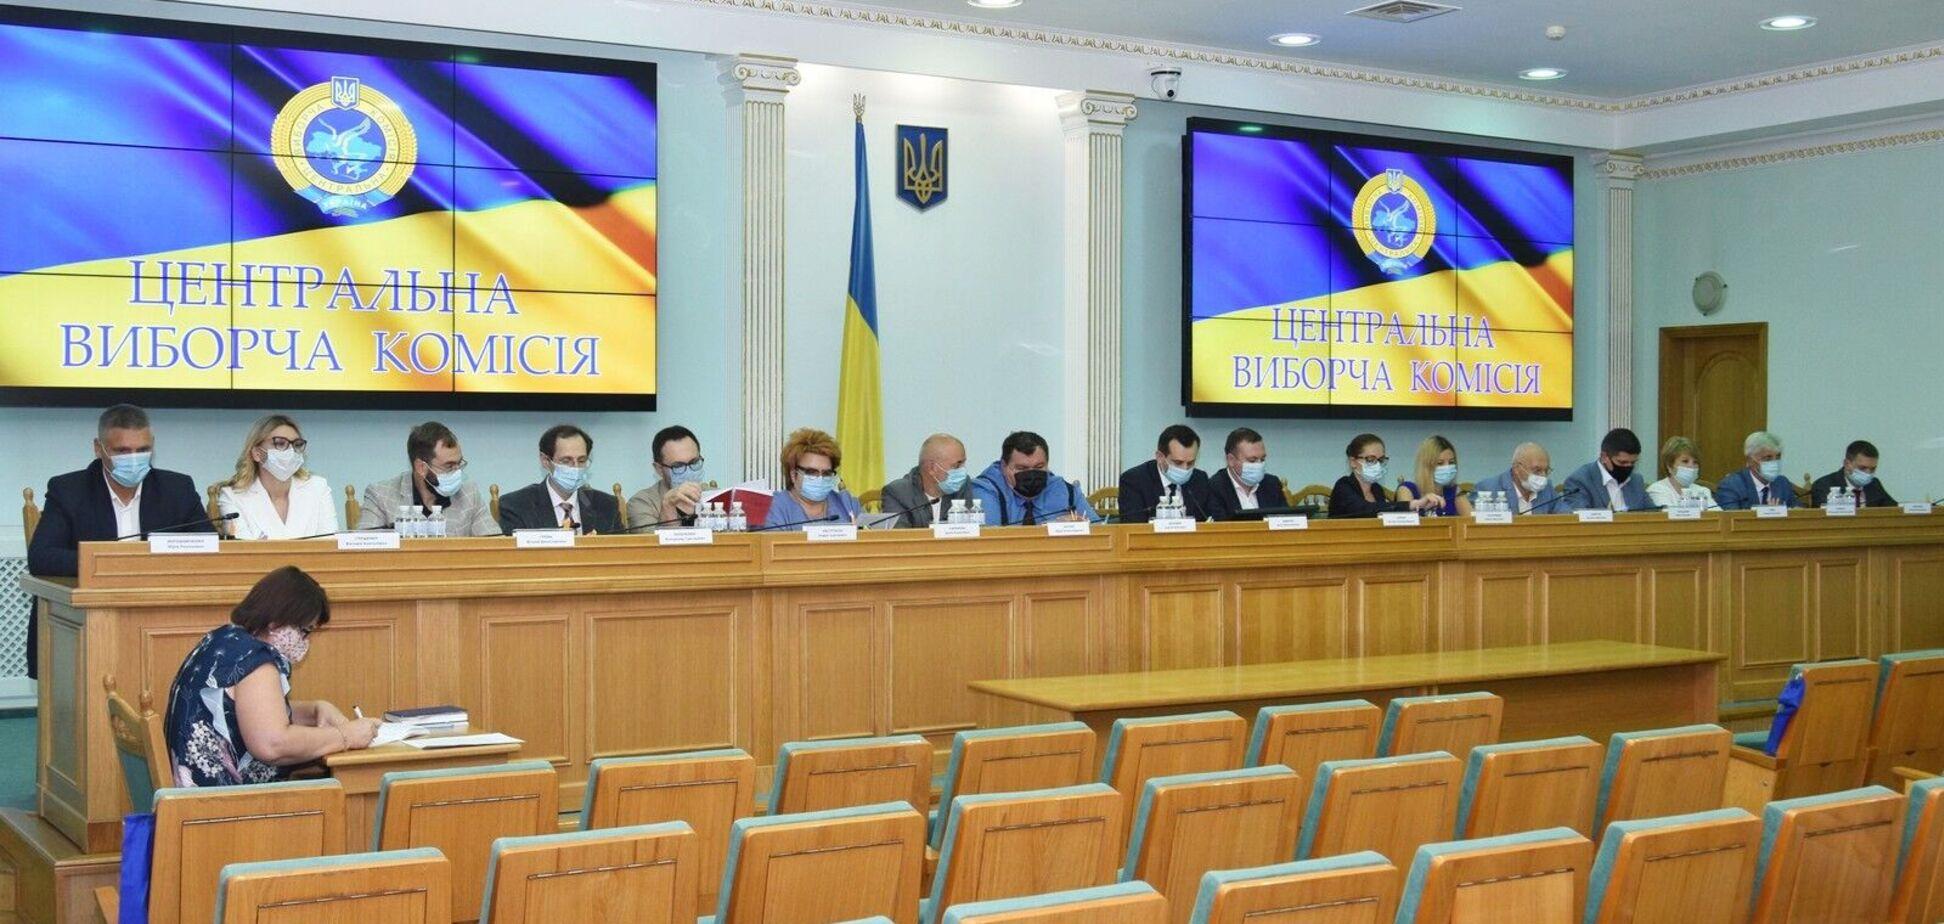 'Опитування від президента': як ЦВК перед виборами збираються змусити порушити Конституцію